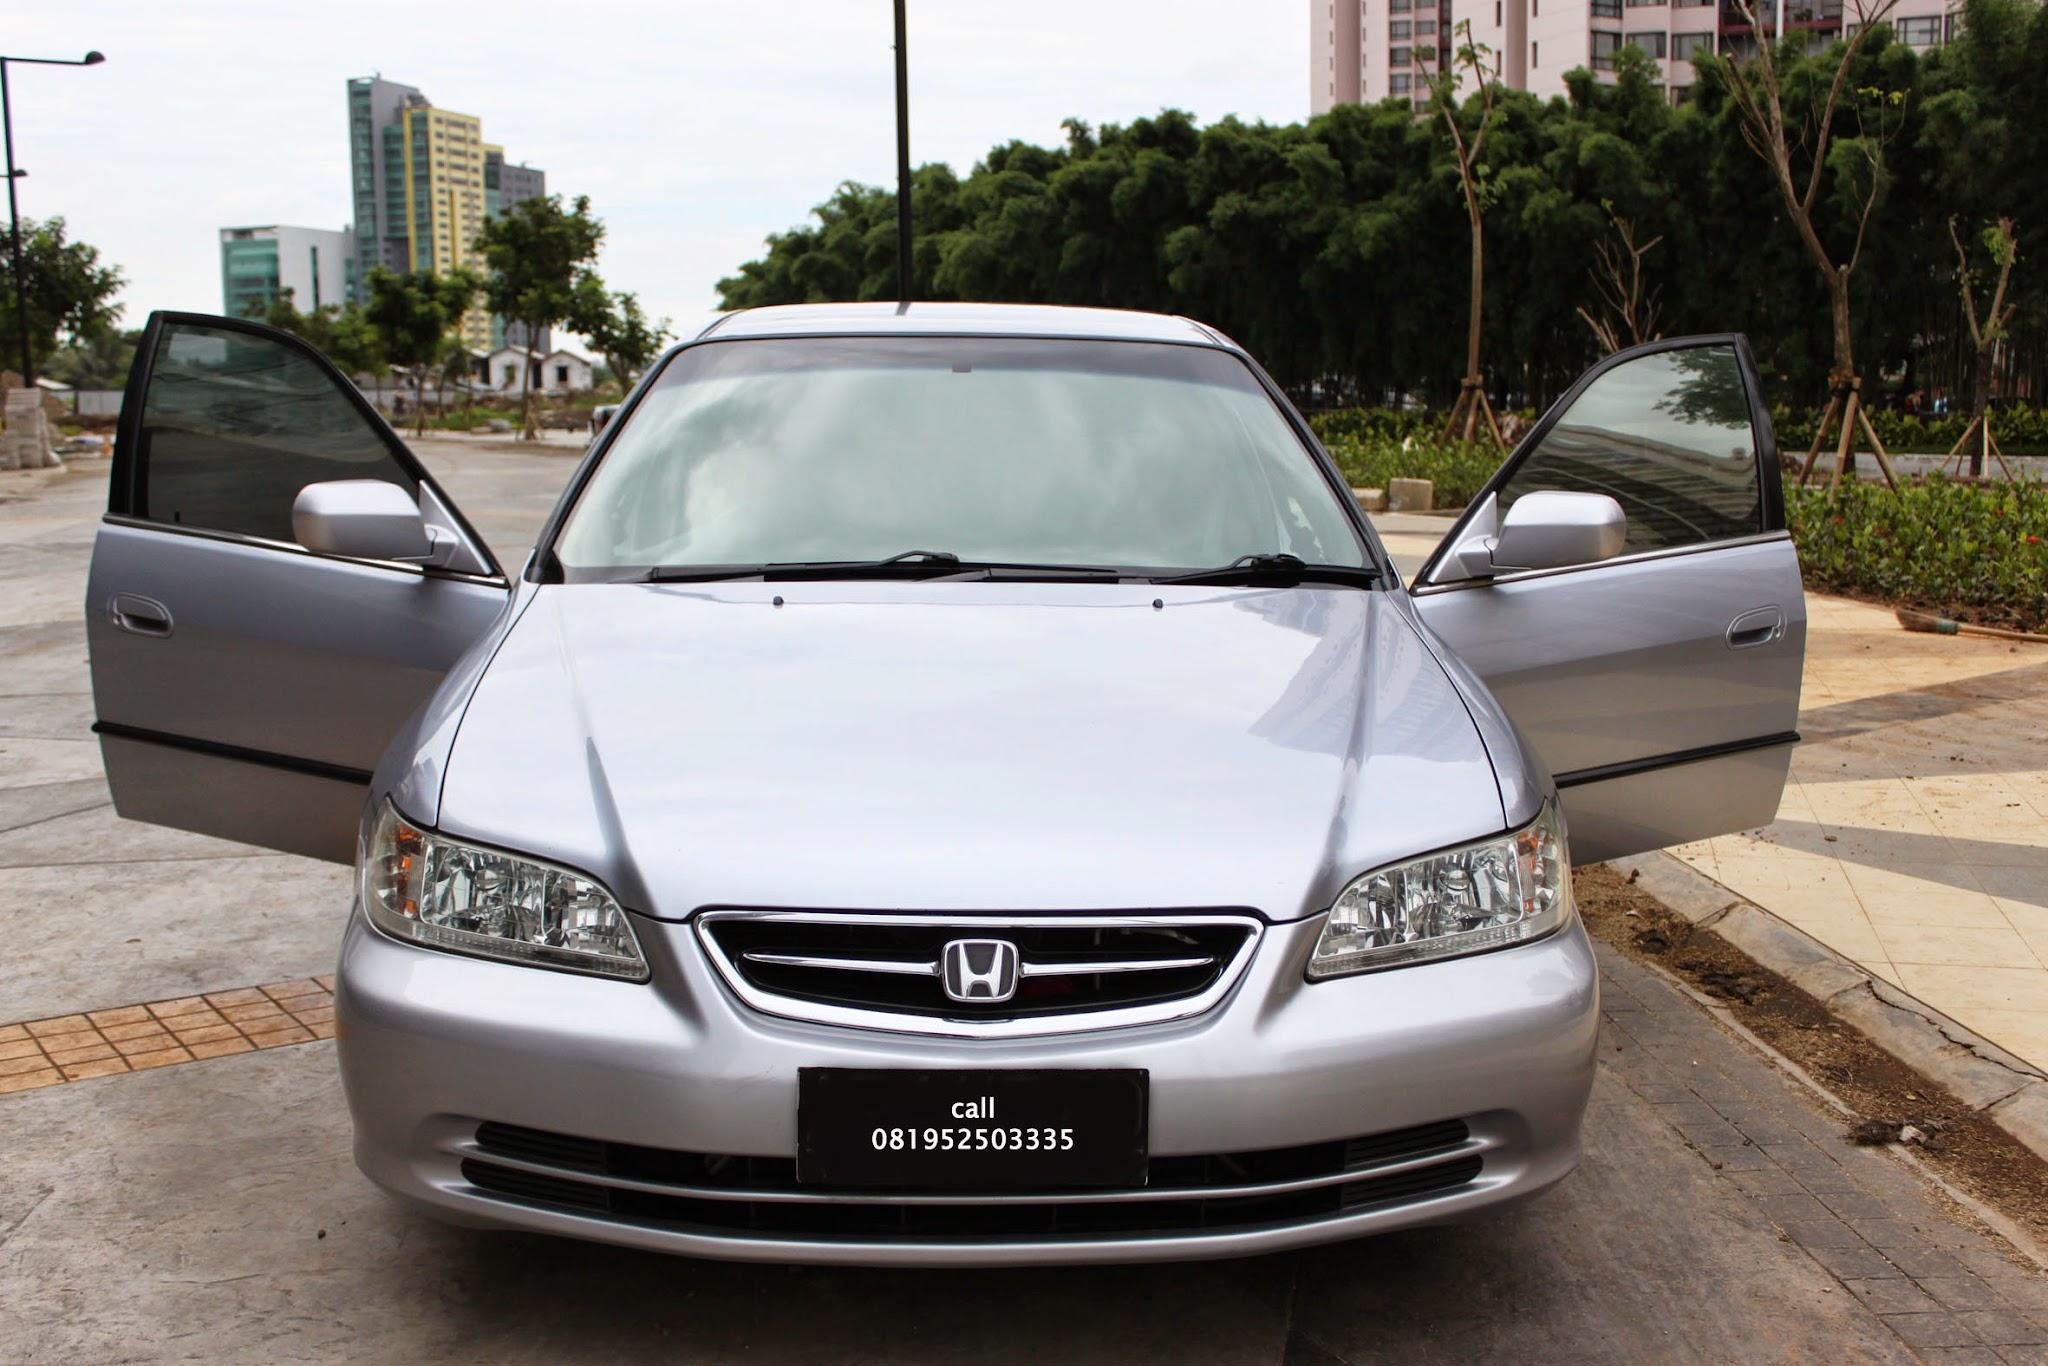 Kelebihan Mobil Honda Accord Perbandingan Harga